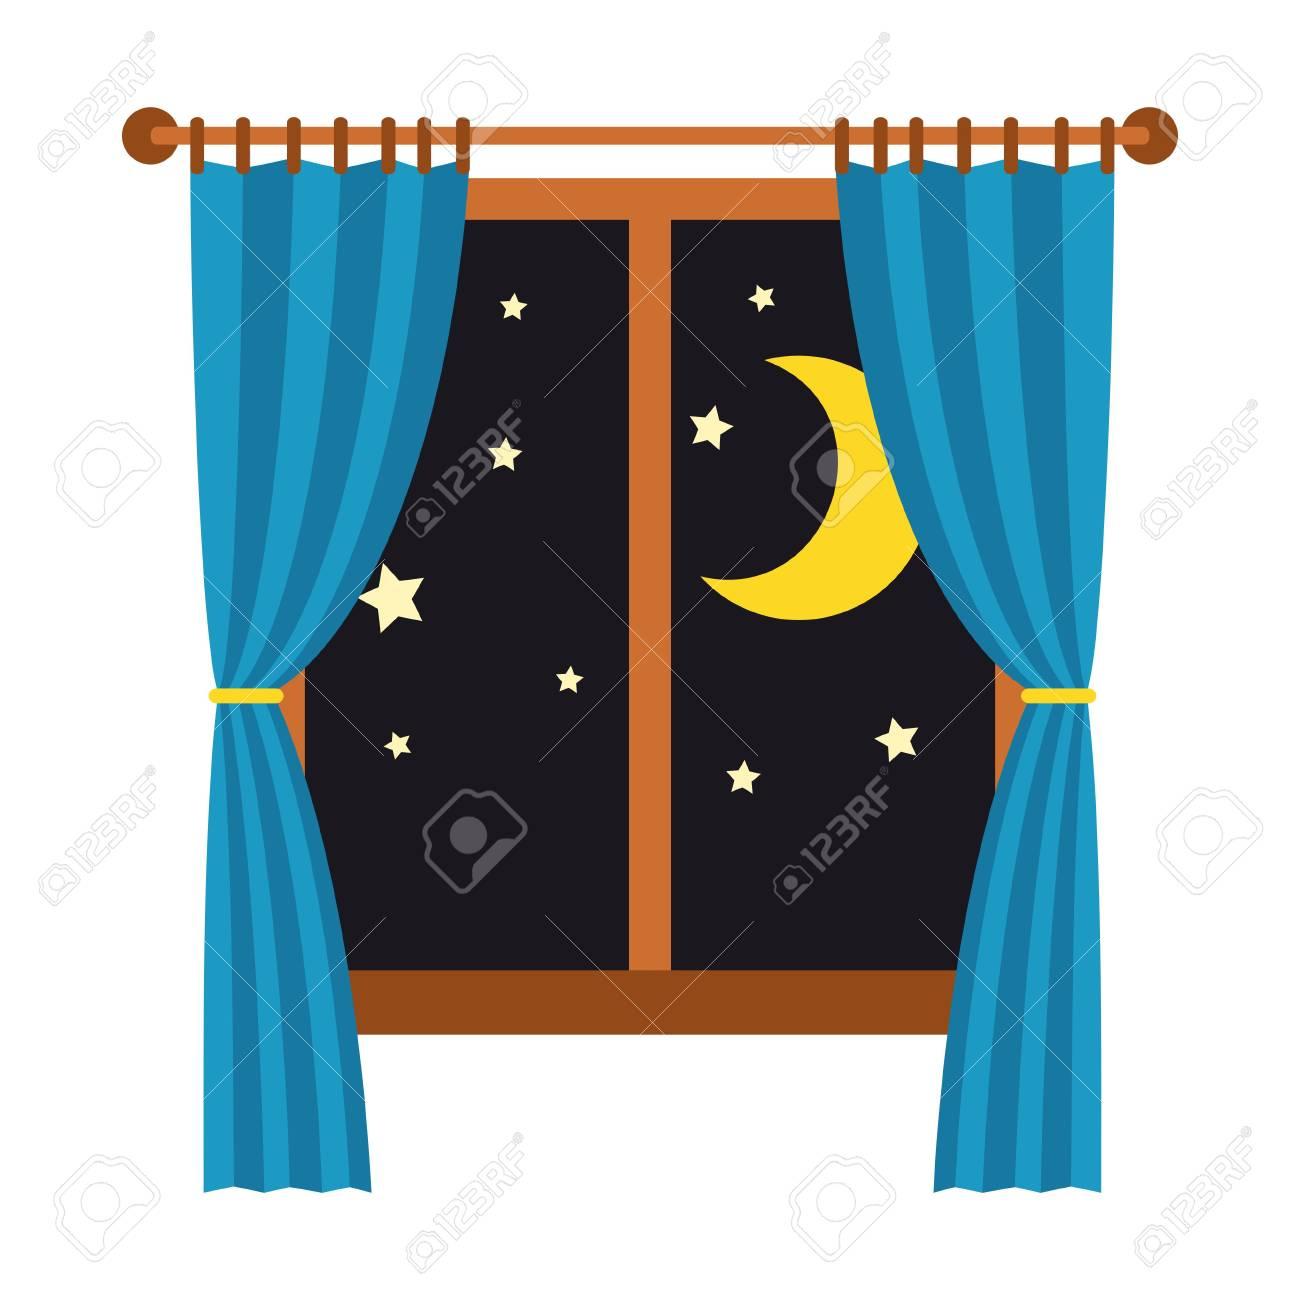 nacht uit het raam met blauwe gordijnen gesoleerd op een witte achtergrond slaap en rust